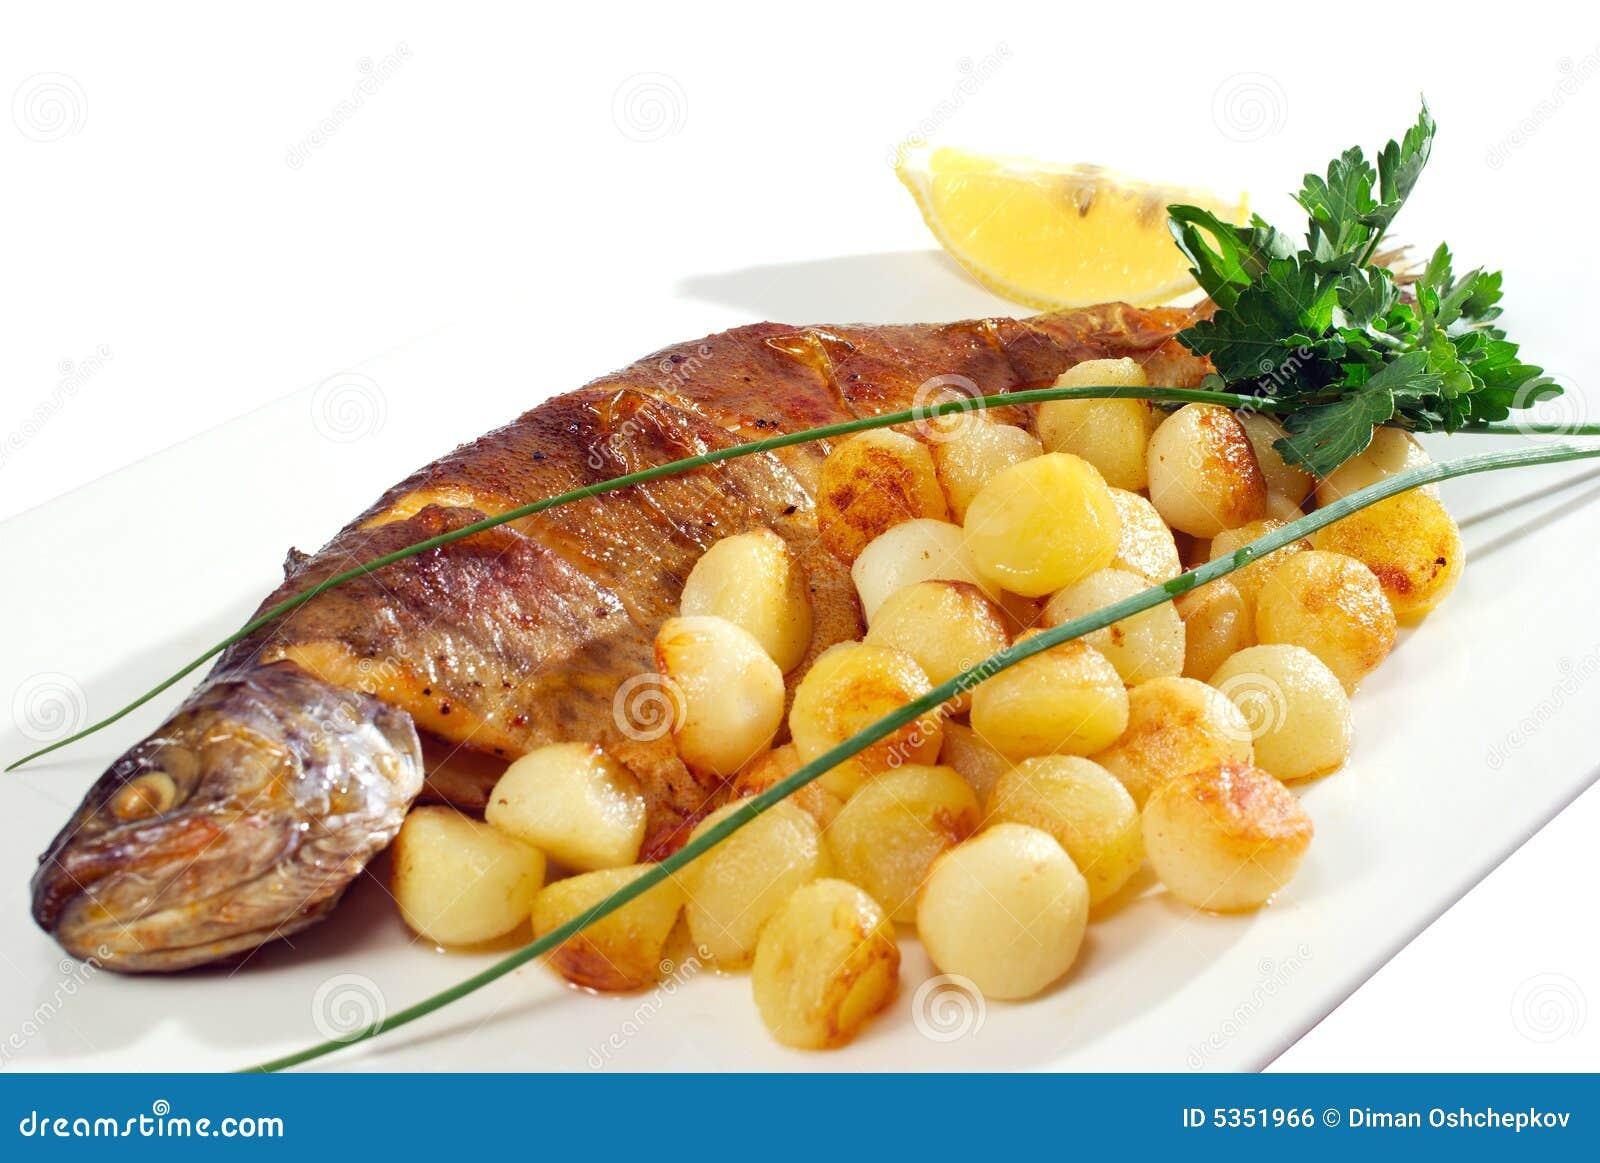 Raw Food Diet Potatoes